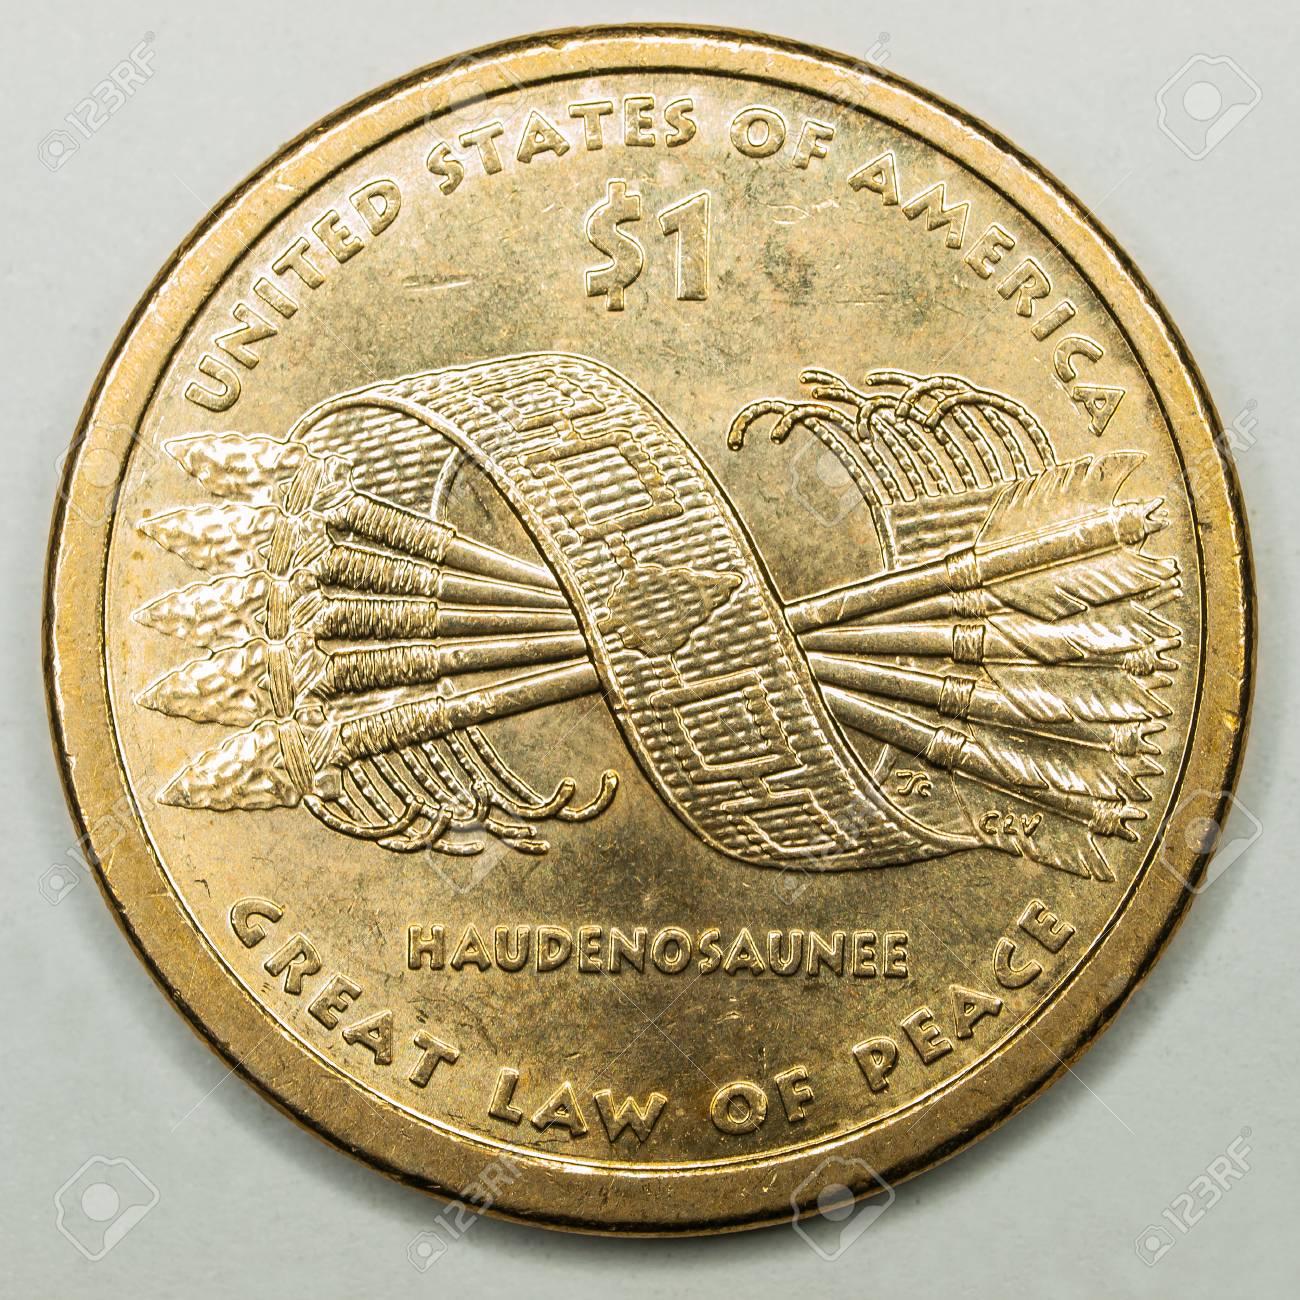 Us Gold Dollar Münze Mit Großen Gesetz Des Friedens Haudenosaunee